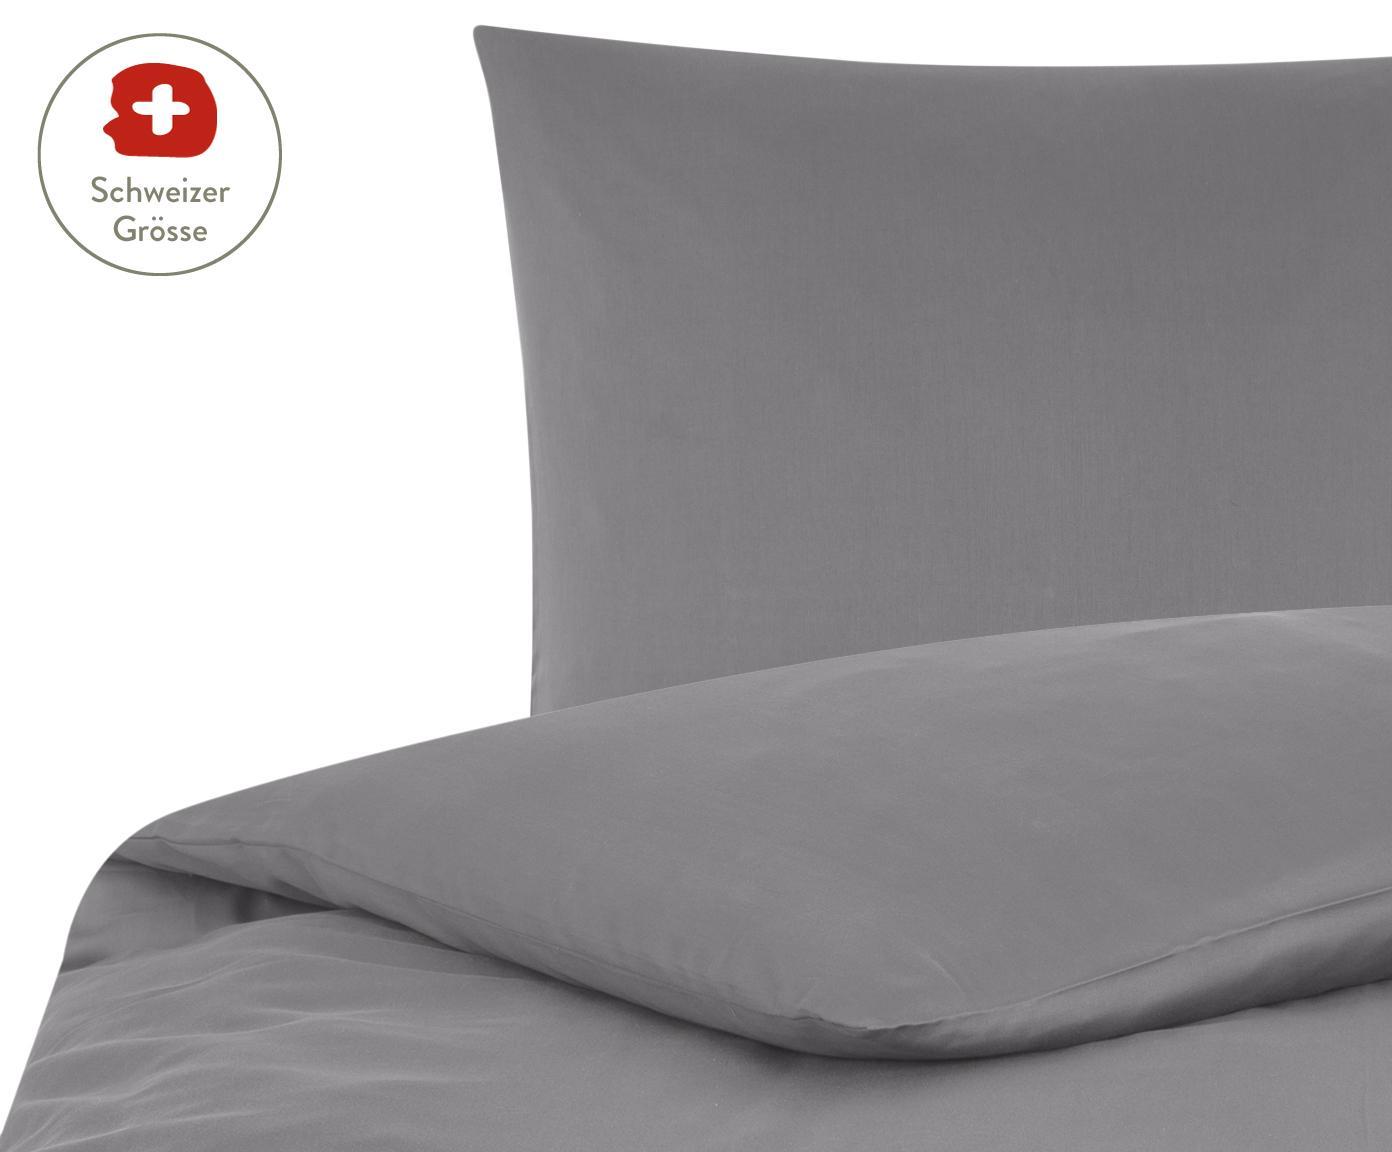 Baumwollsatin-Bettdeckenbezug Comfort in Dunkelgrau, Webart: Satin, leicht glänzend, Dunkelgrau, 160 x 210 cm